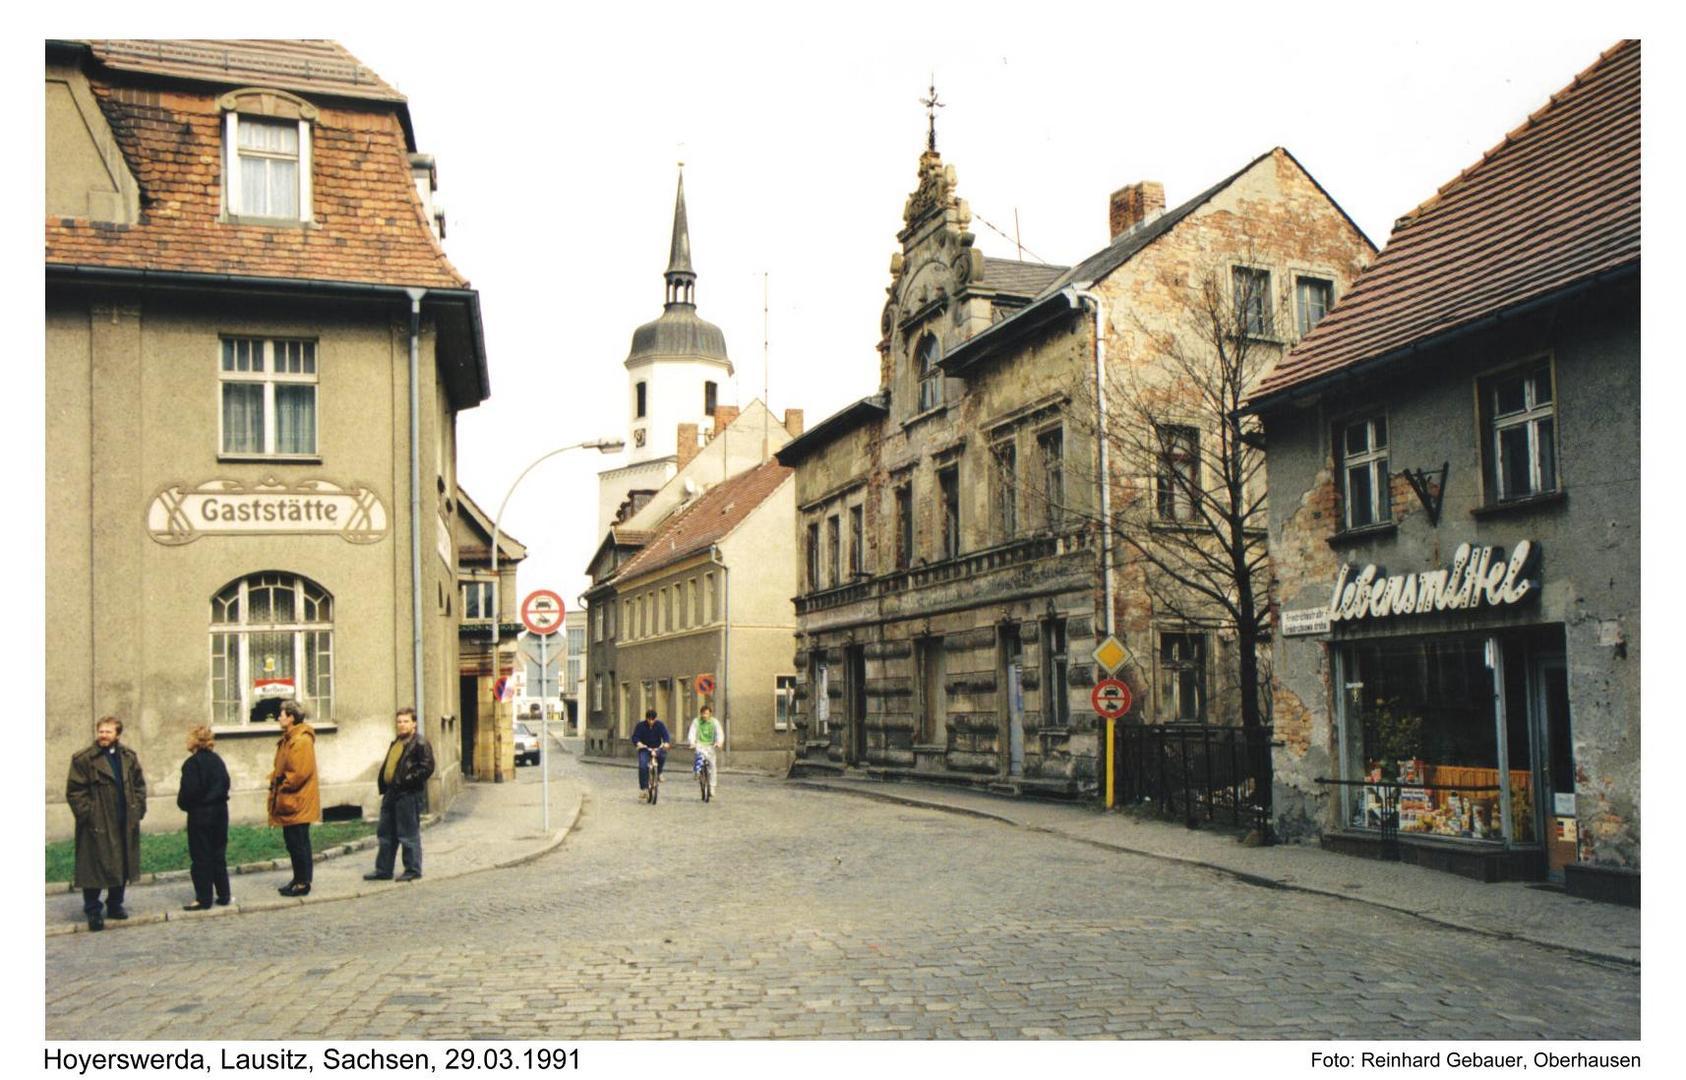 Hoyerswerda, Oberlausitz, Sachsen, 1991